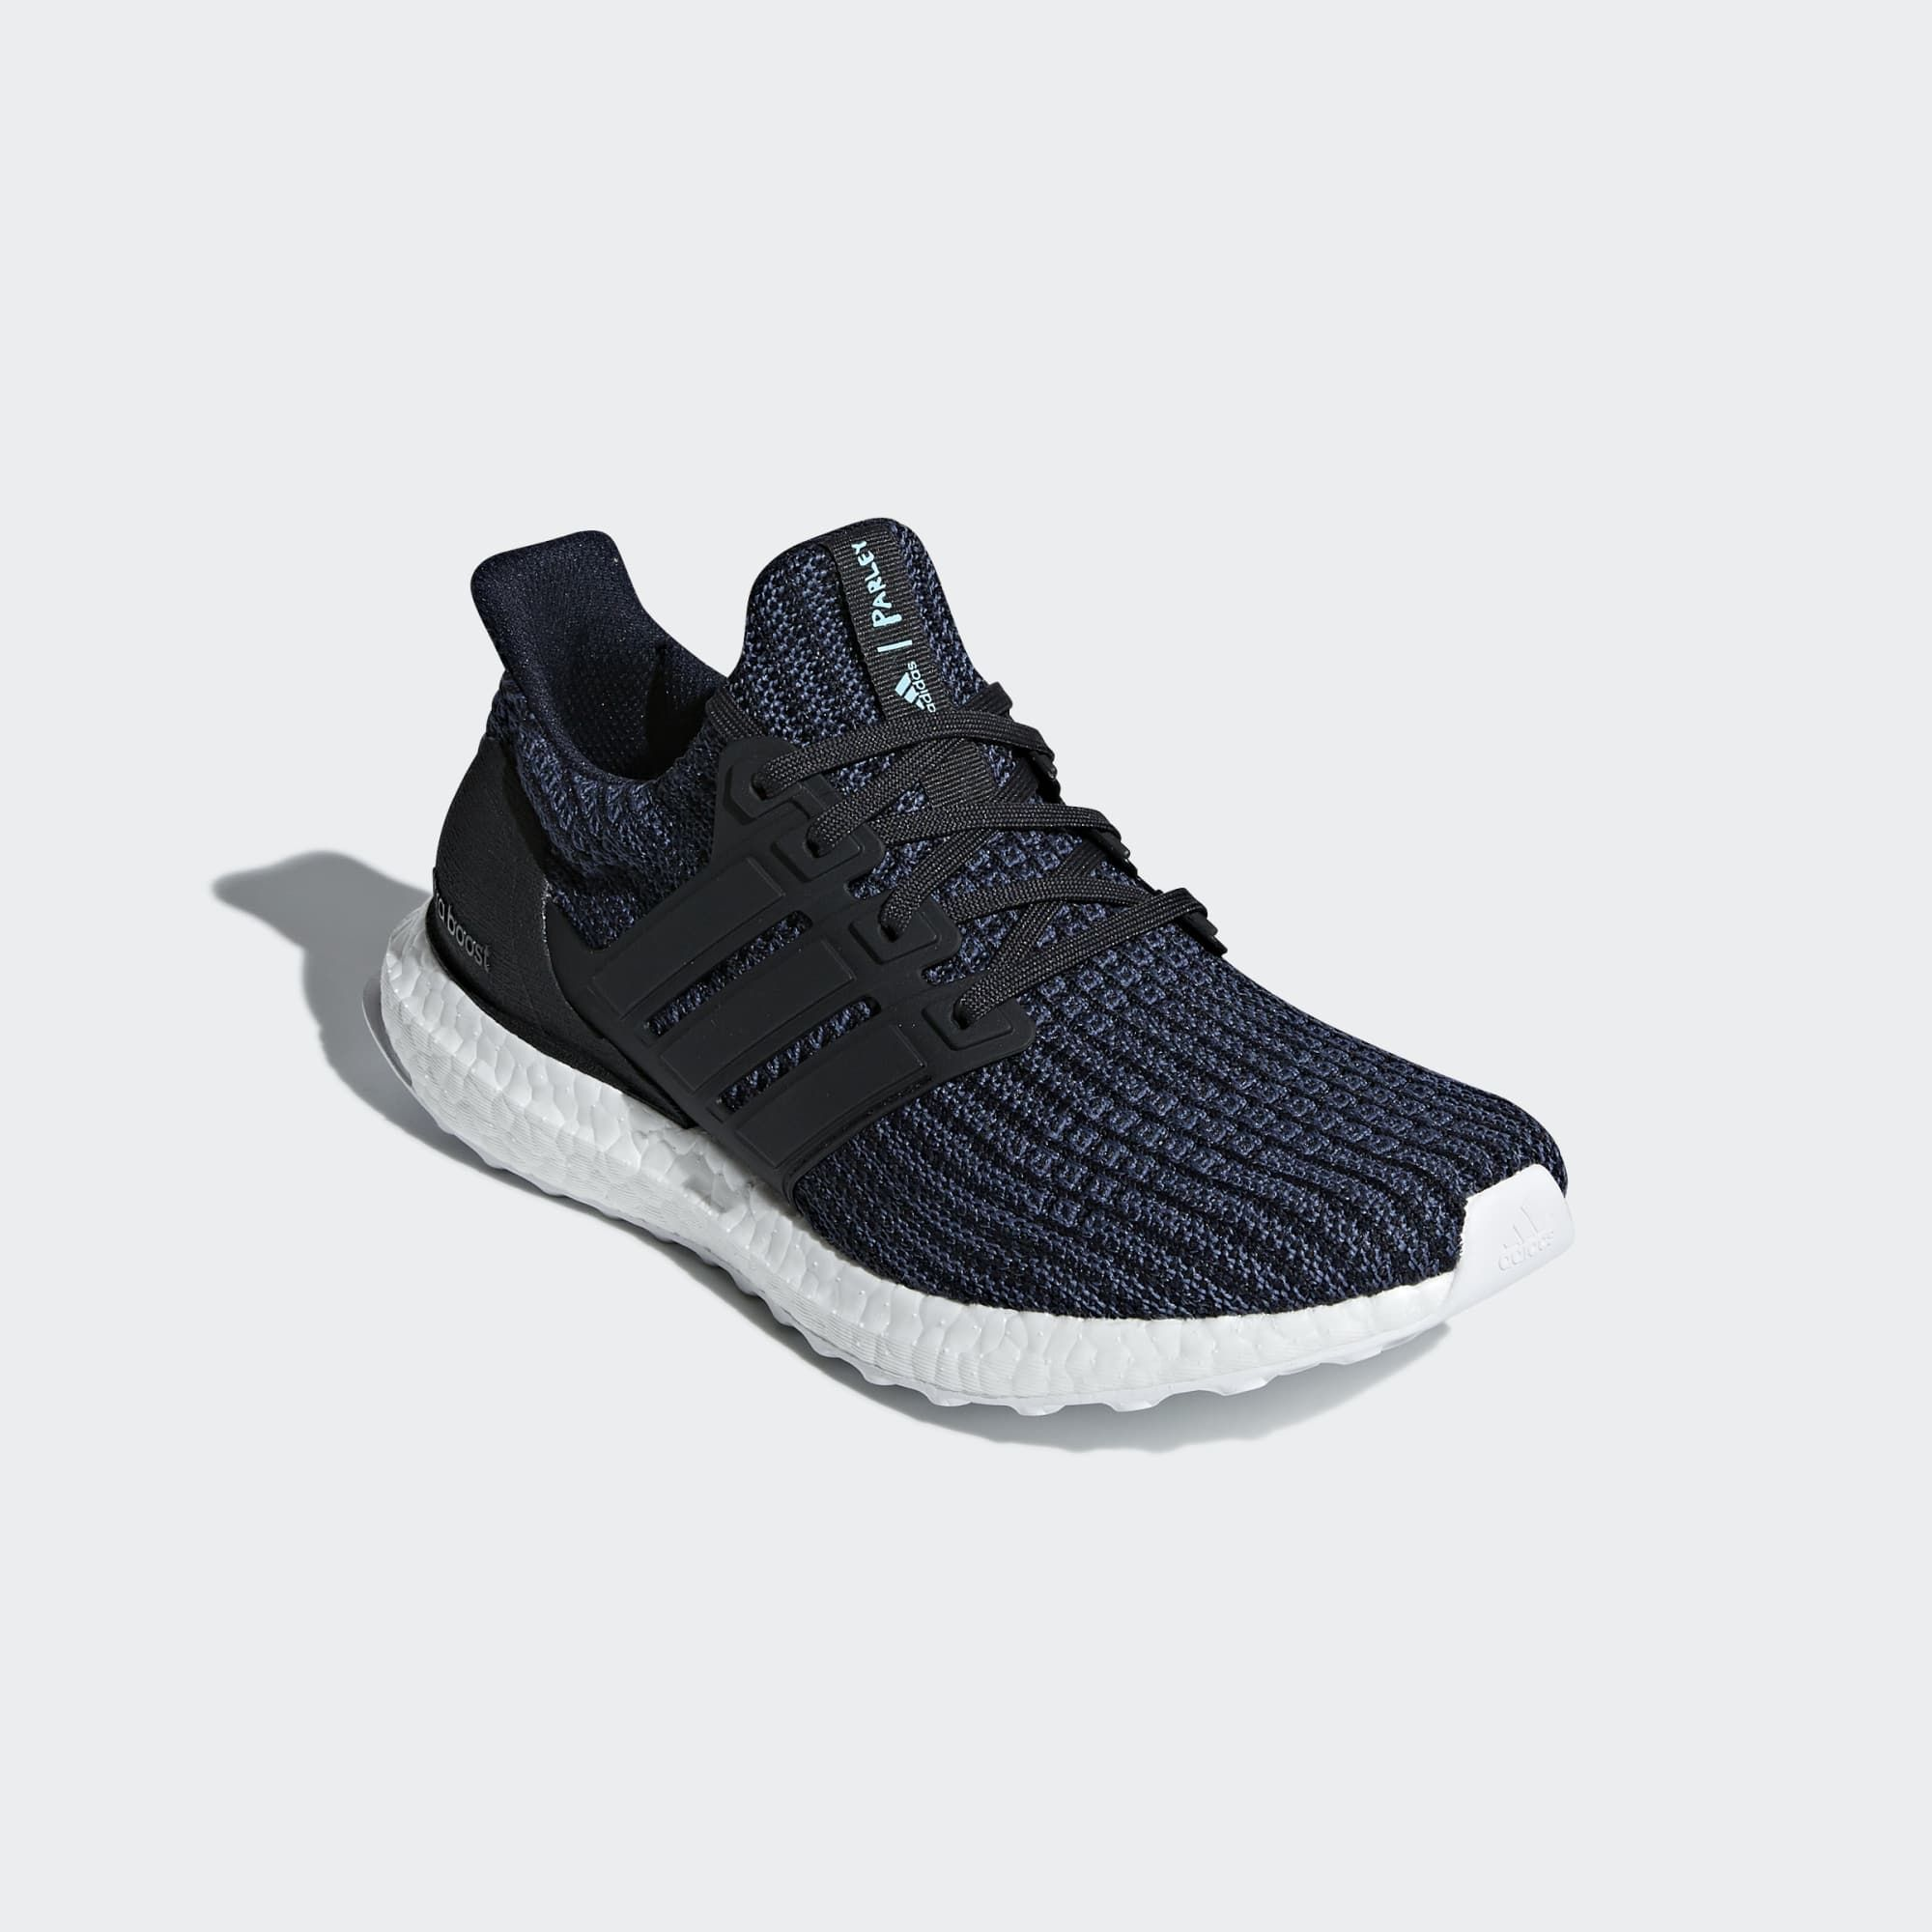 ca95a3a3fac7e Ultraboost Parley Shoes Dark Blue 11 Womens